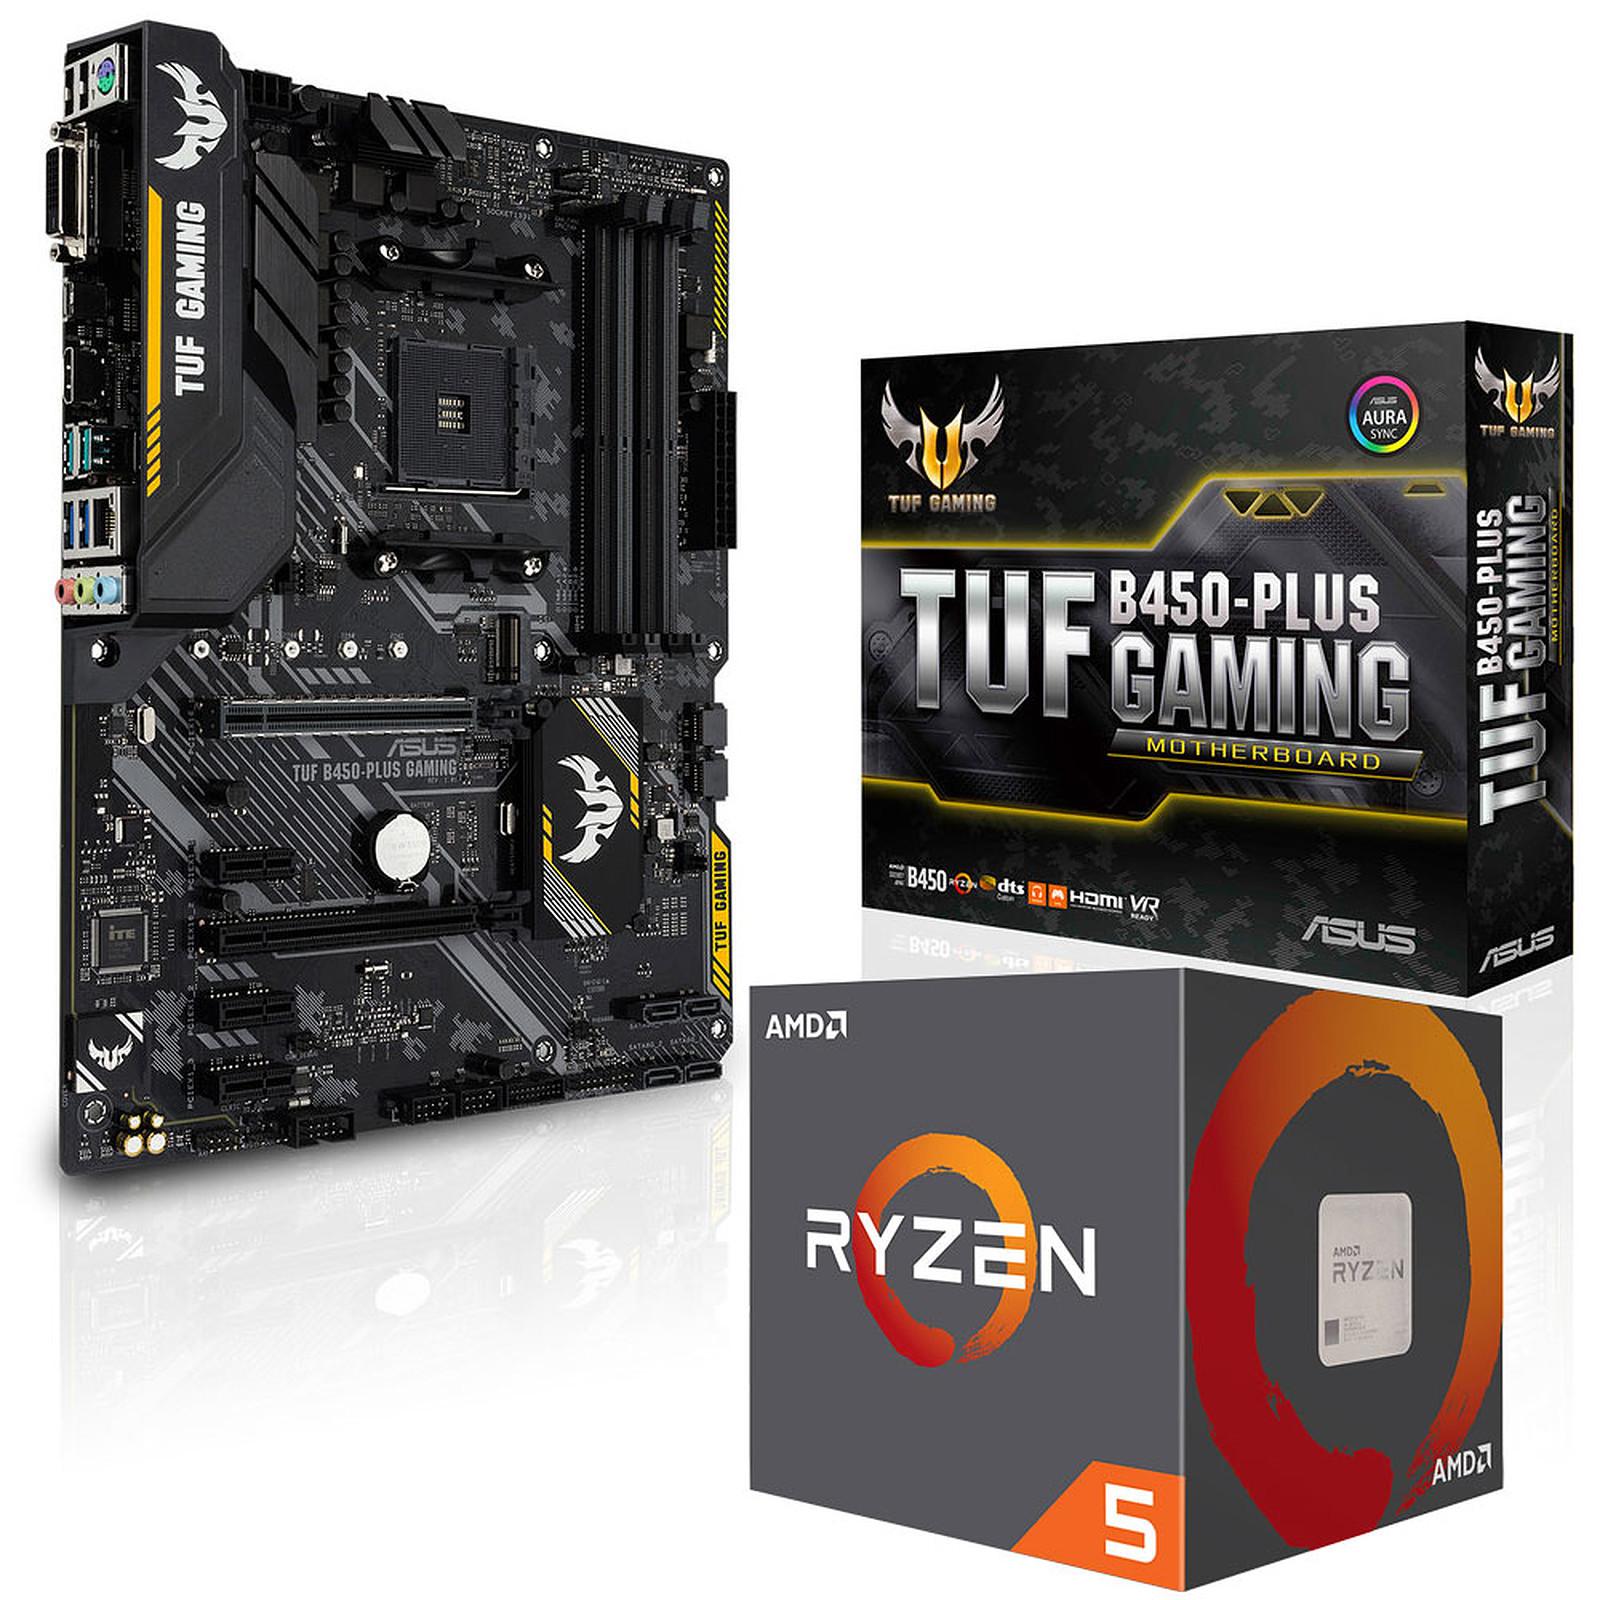 Kit Upgrade PC AMD Ryzen 5 2600 ASUS TUF B450-PLUS GAMING